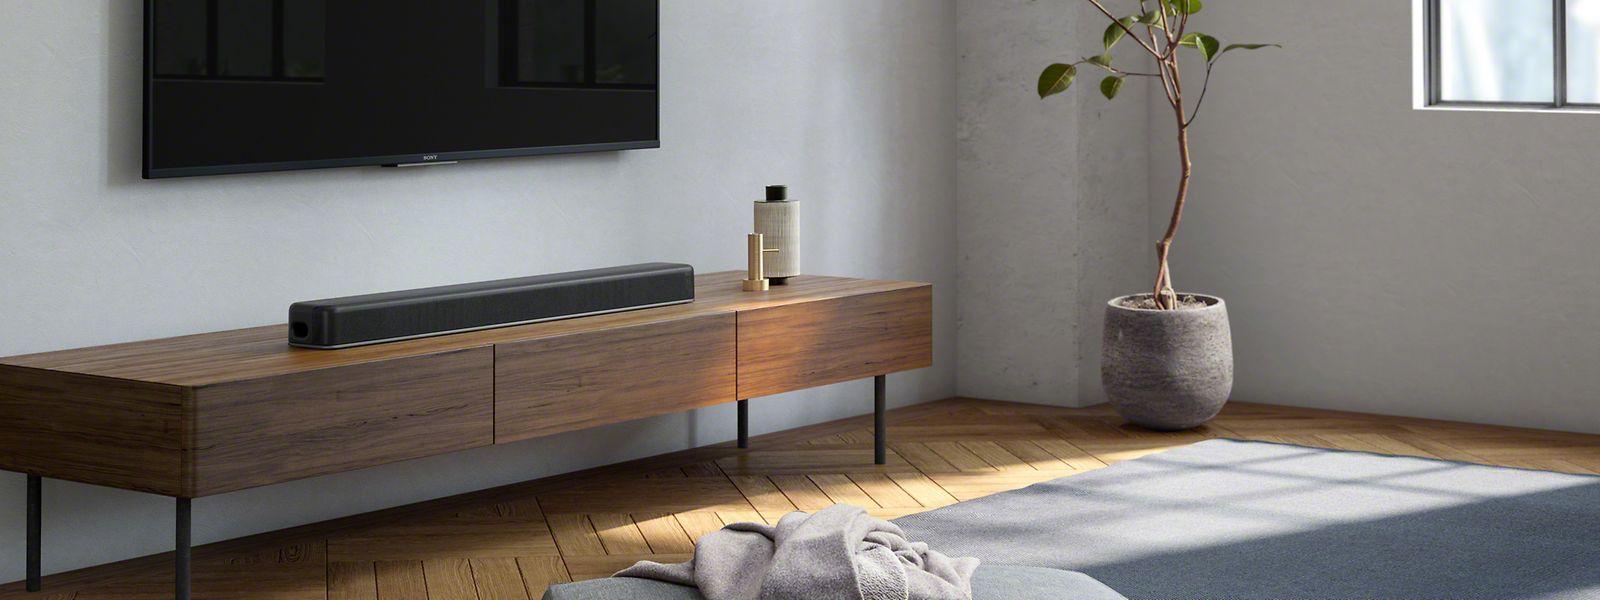 Die Soundbar macht im Wohnzimmer einen schlanken Fuß.